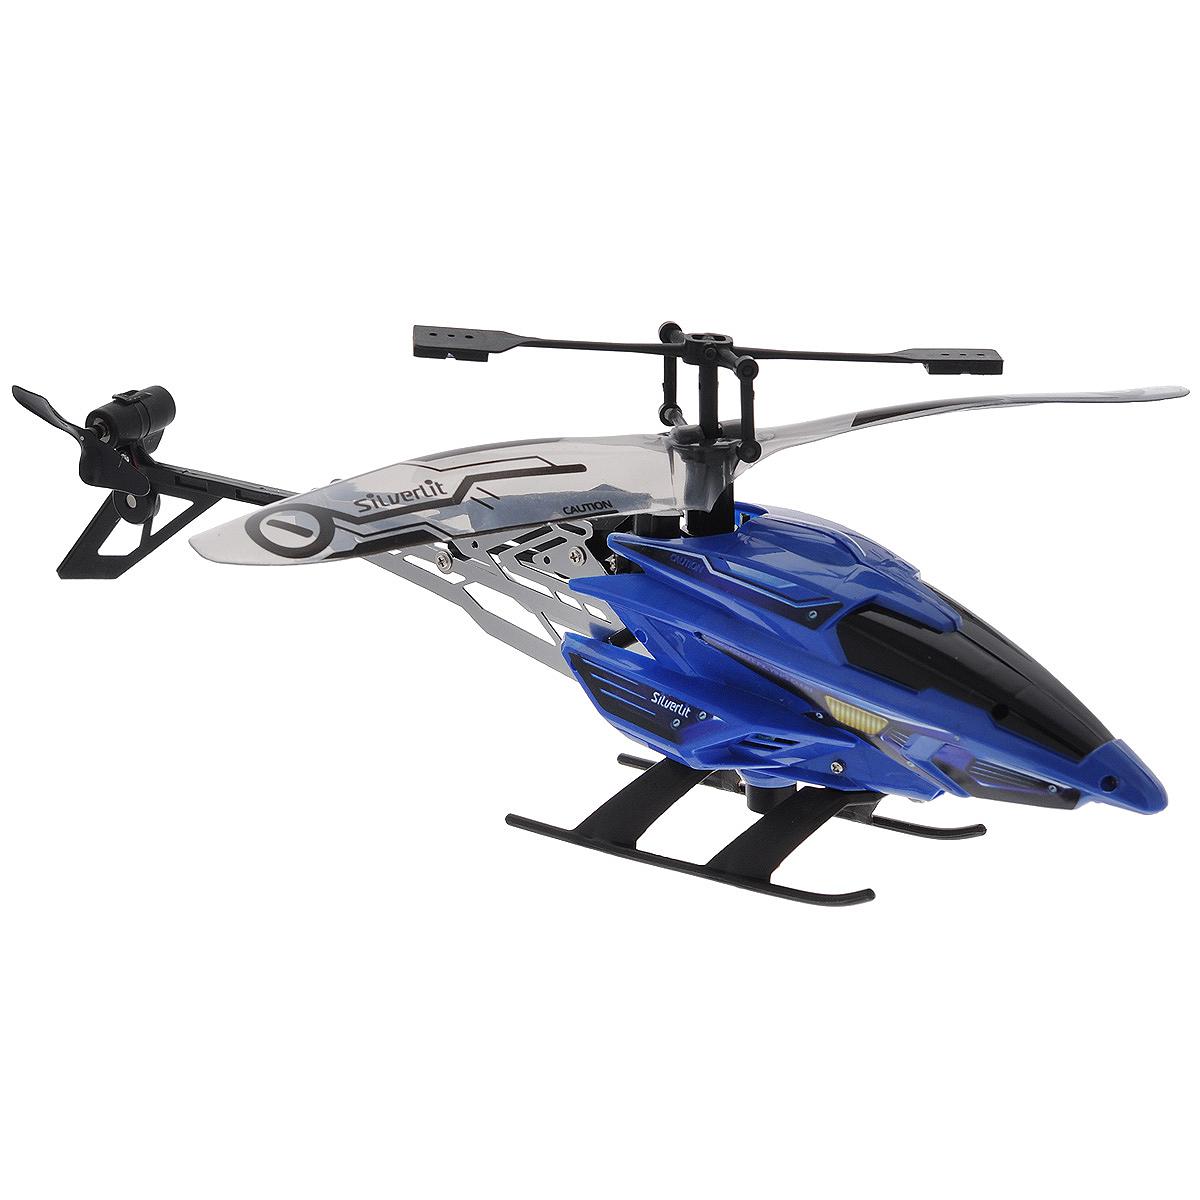 Silverlit Вертолет на радиоуправлении Silverlit цвет синий84621Радиоуправляемая игрушка Silverlit Вертолет - совершенно уникальная игрушка, которая понравится любому мальчишке, ведь вертолет не просто летает, но еще и зависает в воздухе. Вертолет имеет трехканальное управление, управляется с помощью специального пульта с USB-кабелем. Игрушка работает не только от пульта, идущего в комплекте, но и с использованием системы Bluetooth, которая обеспечивается через iPod, iPad или iPhone (для этого нужно скачать специальное программное обеспечение). Управлять вертолетом можно на расстоянии до 10 метров, при этом через Bluetooth можно управлять полетом даже тогда, когда вертолета нет в поле зрения. Имеется два режима управления: ручное и автоматическое. Вертолет выполнен из высококачественного пластика в копии настоящего воздушного транспорта. Во время полета раздаются реалистичные звуки работающего двигателя. Вертолет не просто летает вверх-вниз и вперед-назад, поворачивает направо и налево, но и совершает маневр парения в...